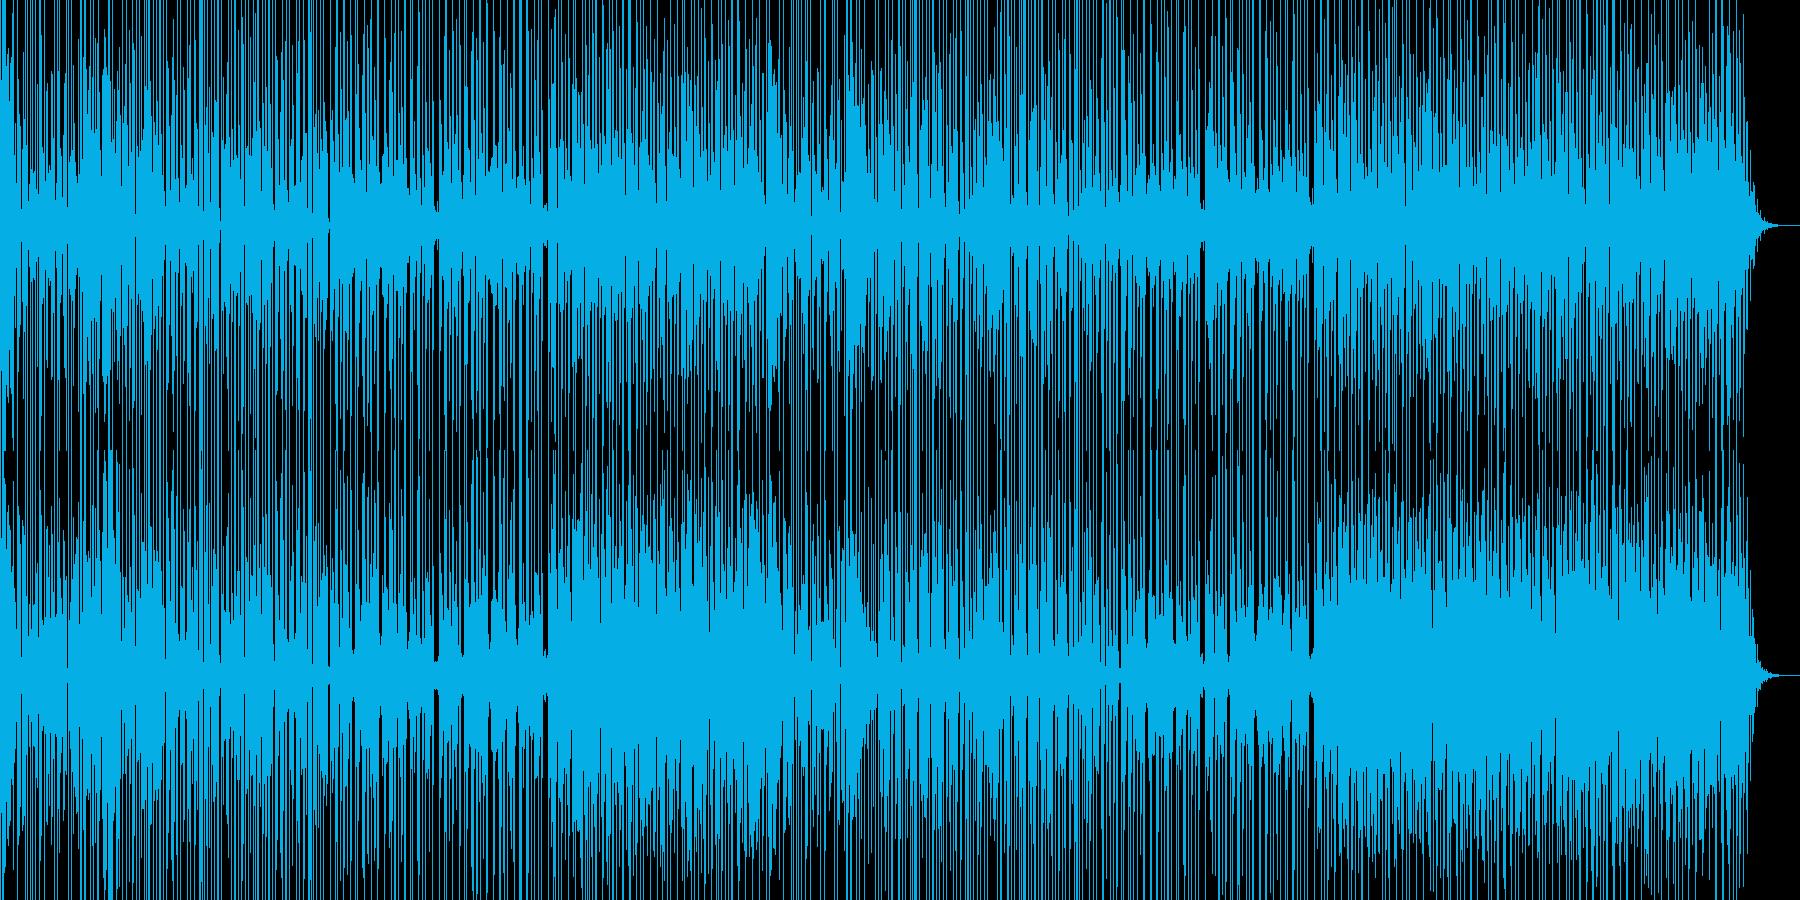 ミステリアスな雰囲気のあるBGM曲の再生済みの波形